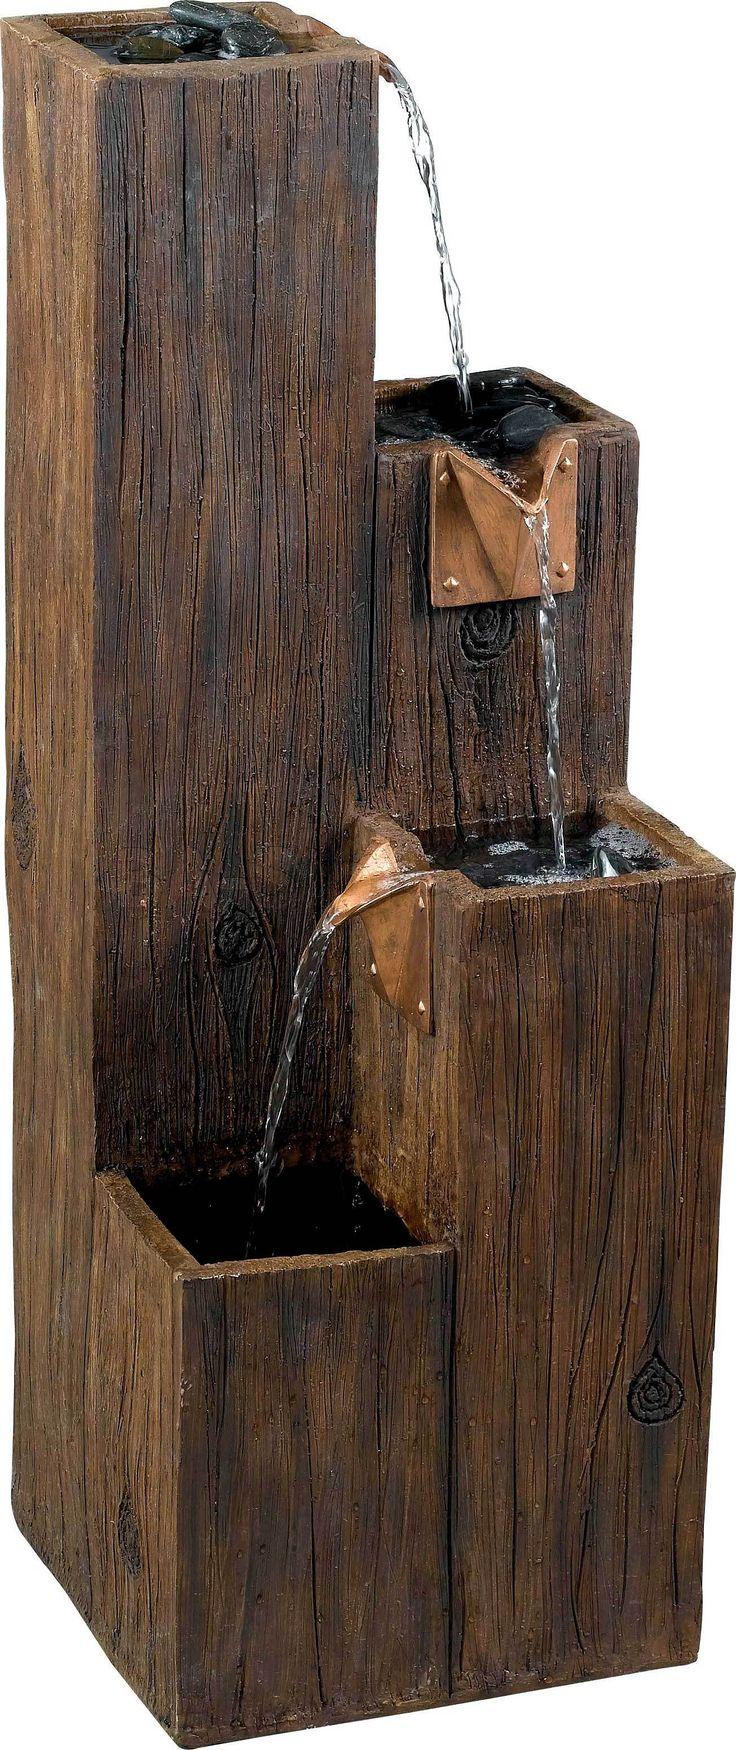 Timber Indoor/Outdoor Floor Fountain in Wood Grain - Kenroy Home